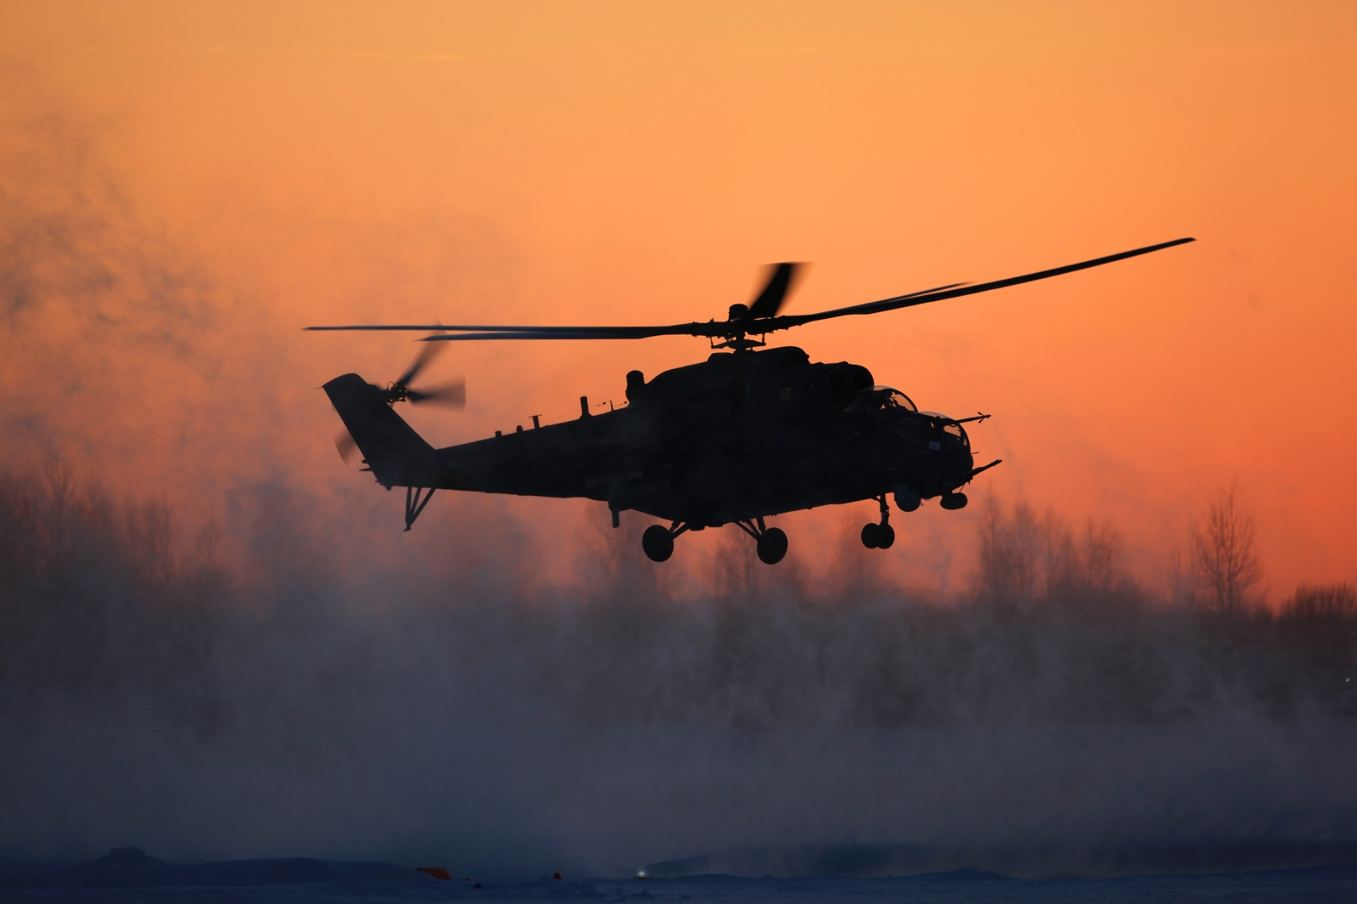 Le Mali renforce sa flotte d'aéronefs